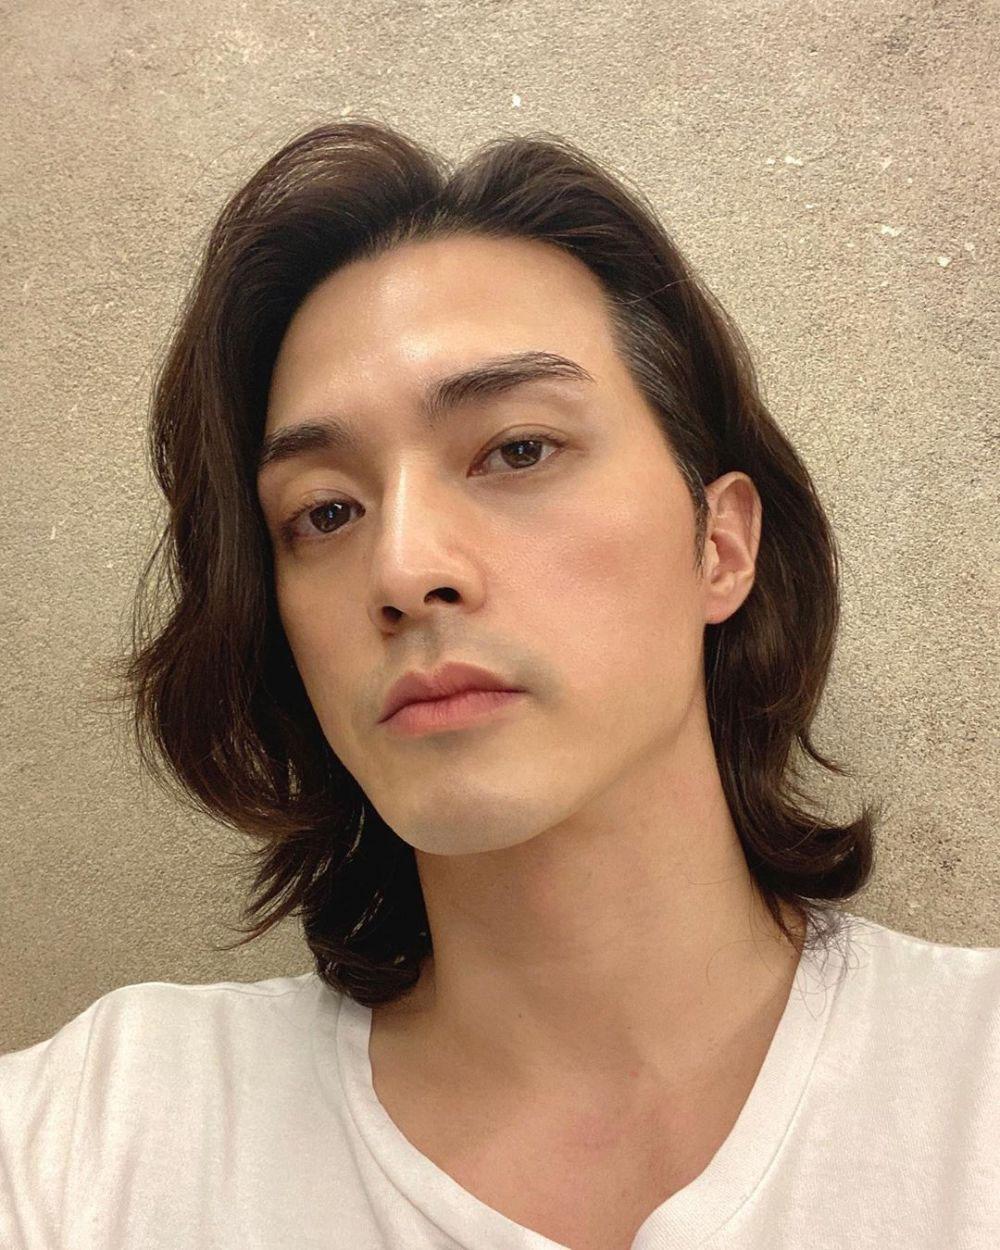 Kim Ji Hoon đã thành công khắc họa một Baek Hee Sung khiến khán giả lo sợ khi mới chỉ nhìn qua đôi mắt